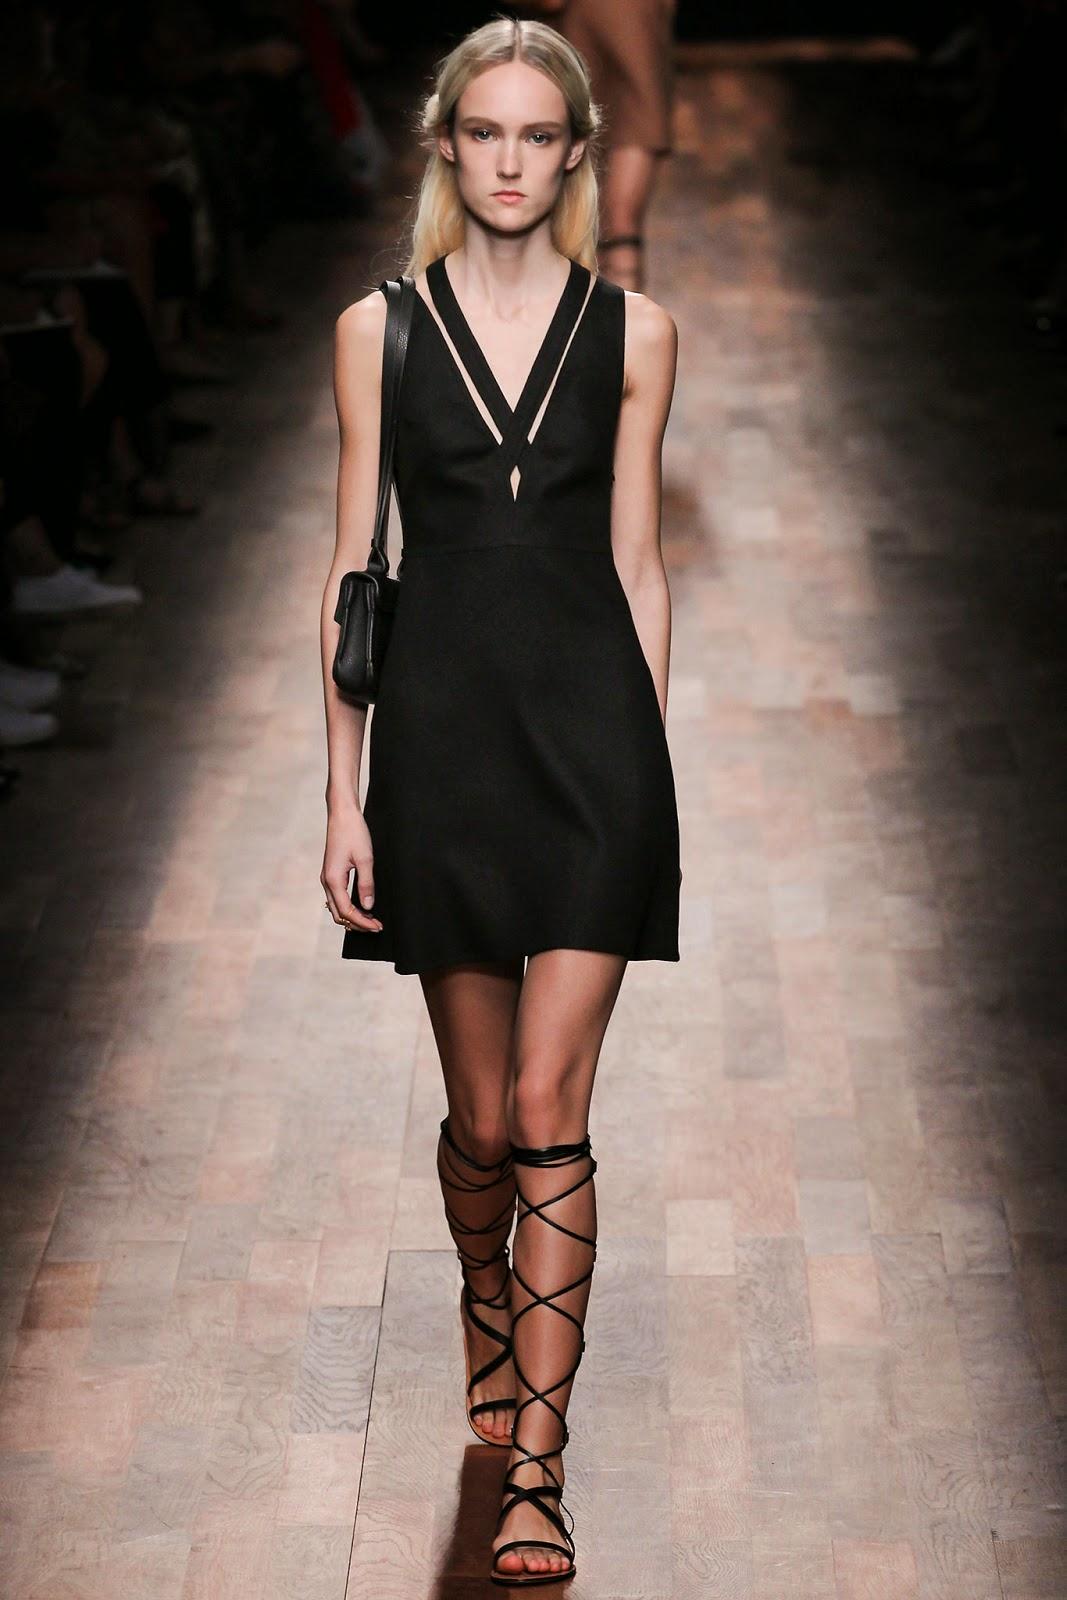 valentino 2015 summer 2016 trend women dress 7 Valentino 2015 samling, våren sommaren 2016 Valentino klänning modeller, Valentino kväll klänning nya säsongen kvinnors kjolar modeller